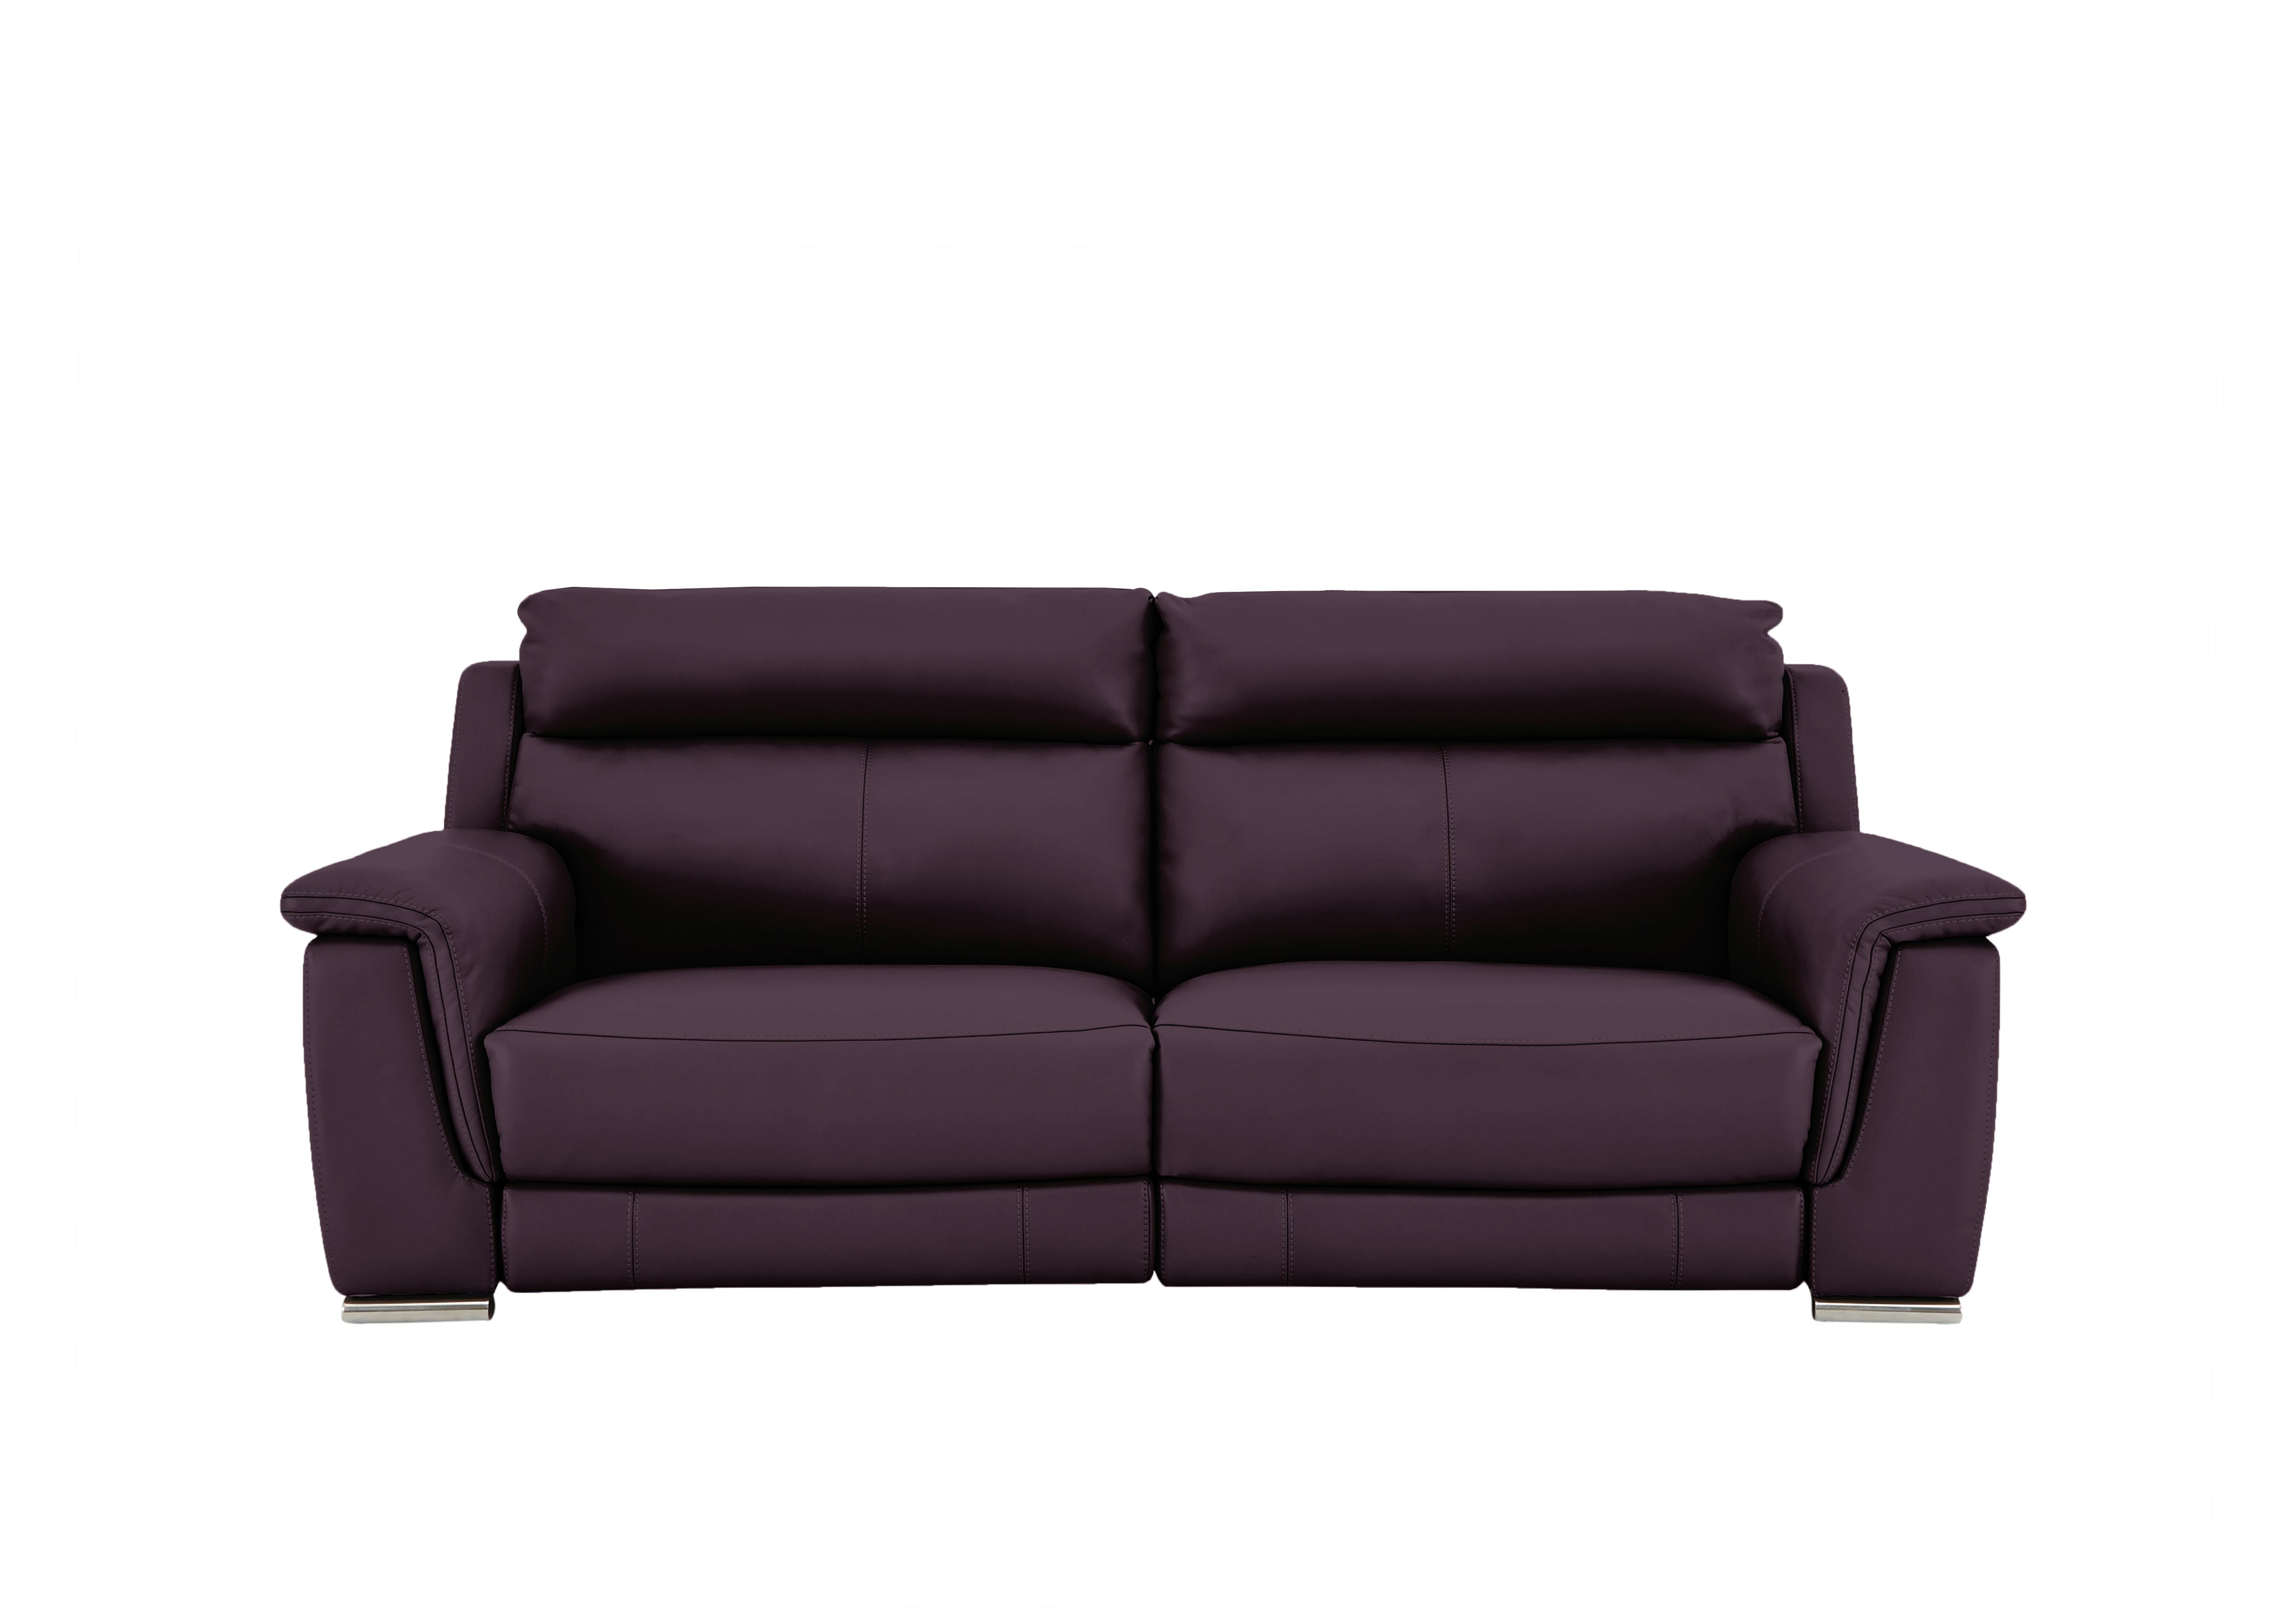 plum sofas uk sofascore live purple at exceptional prices furniture village